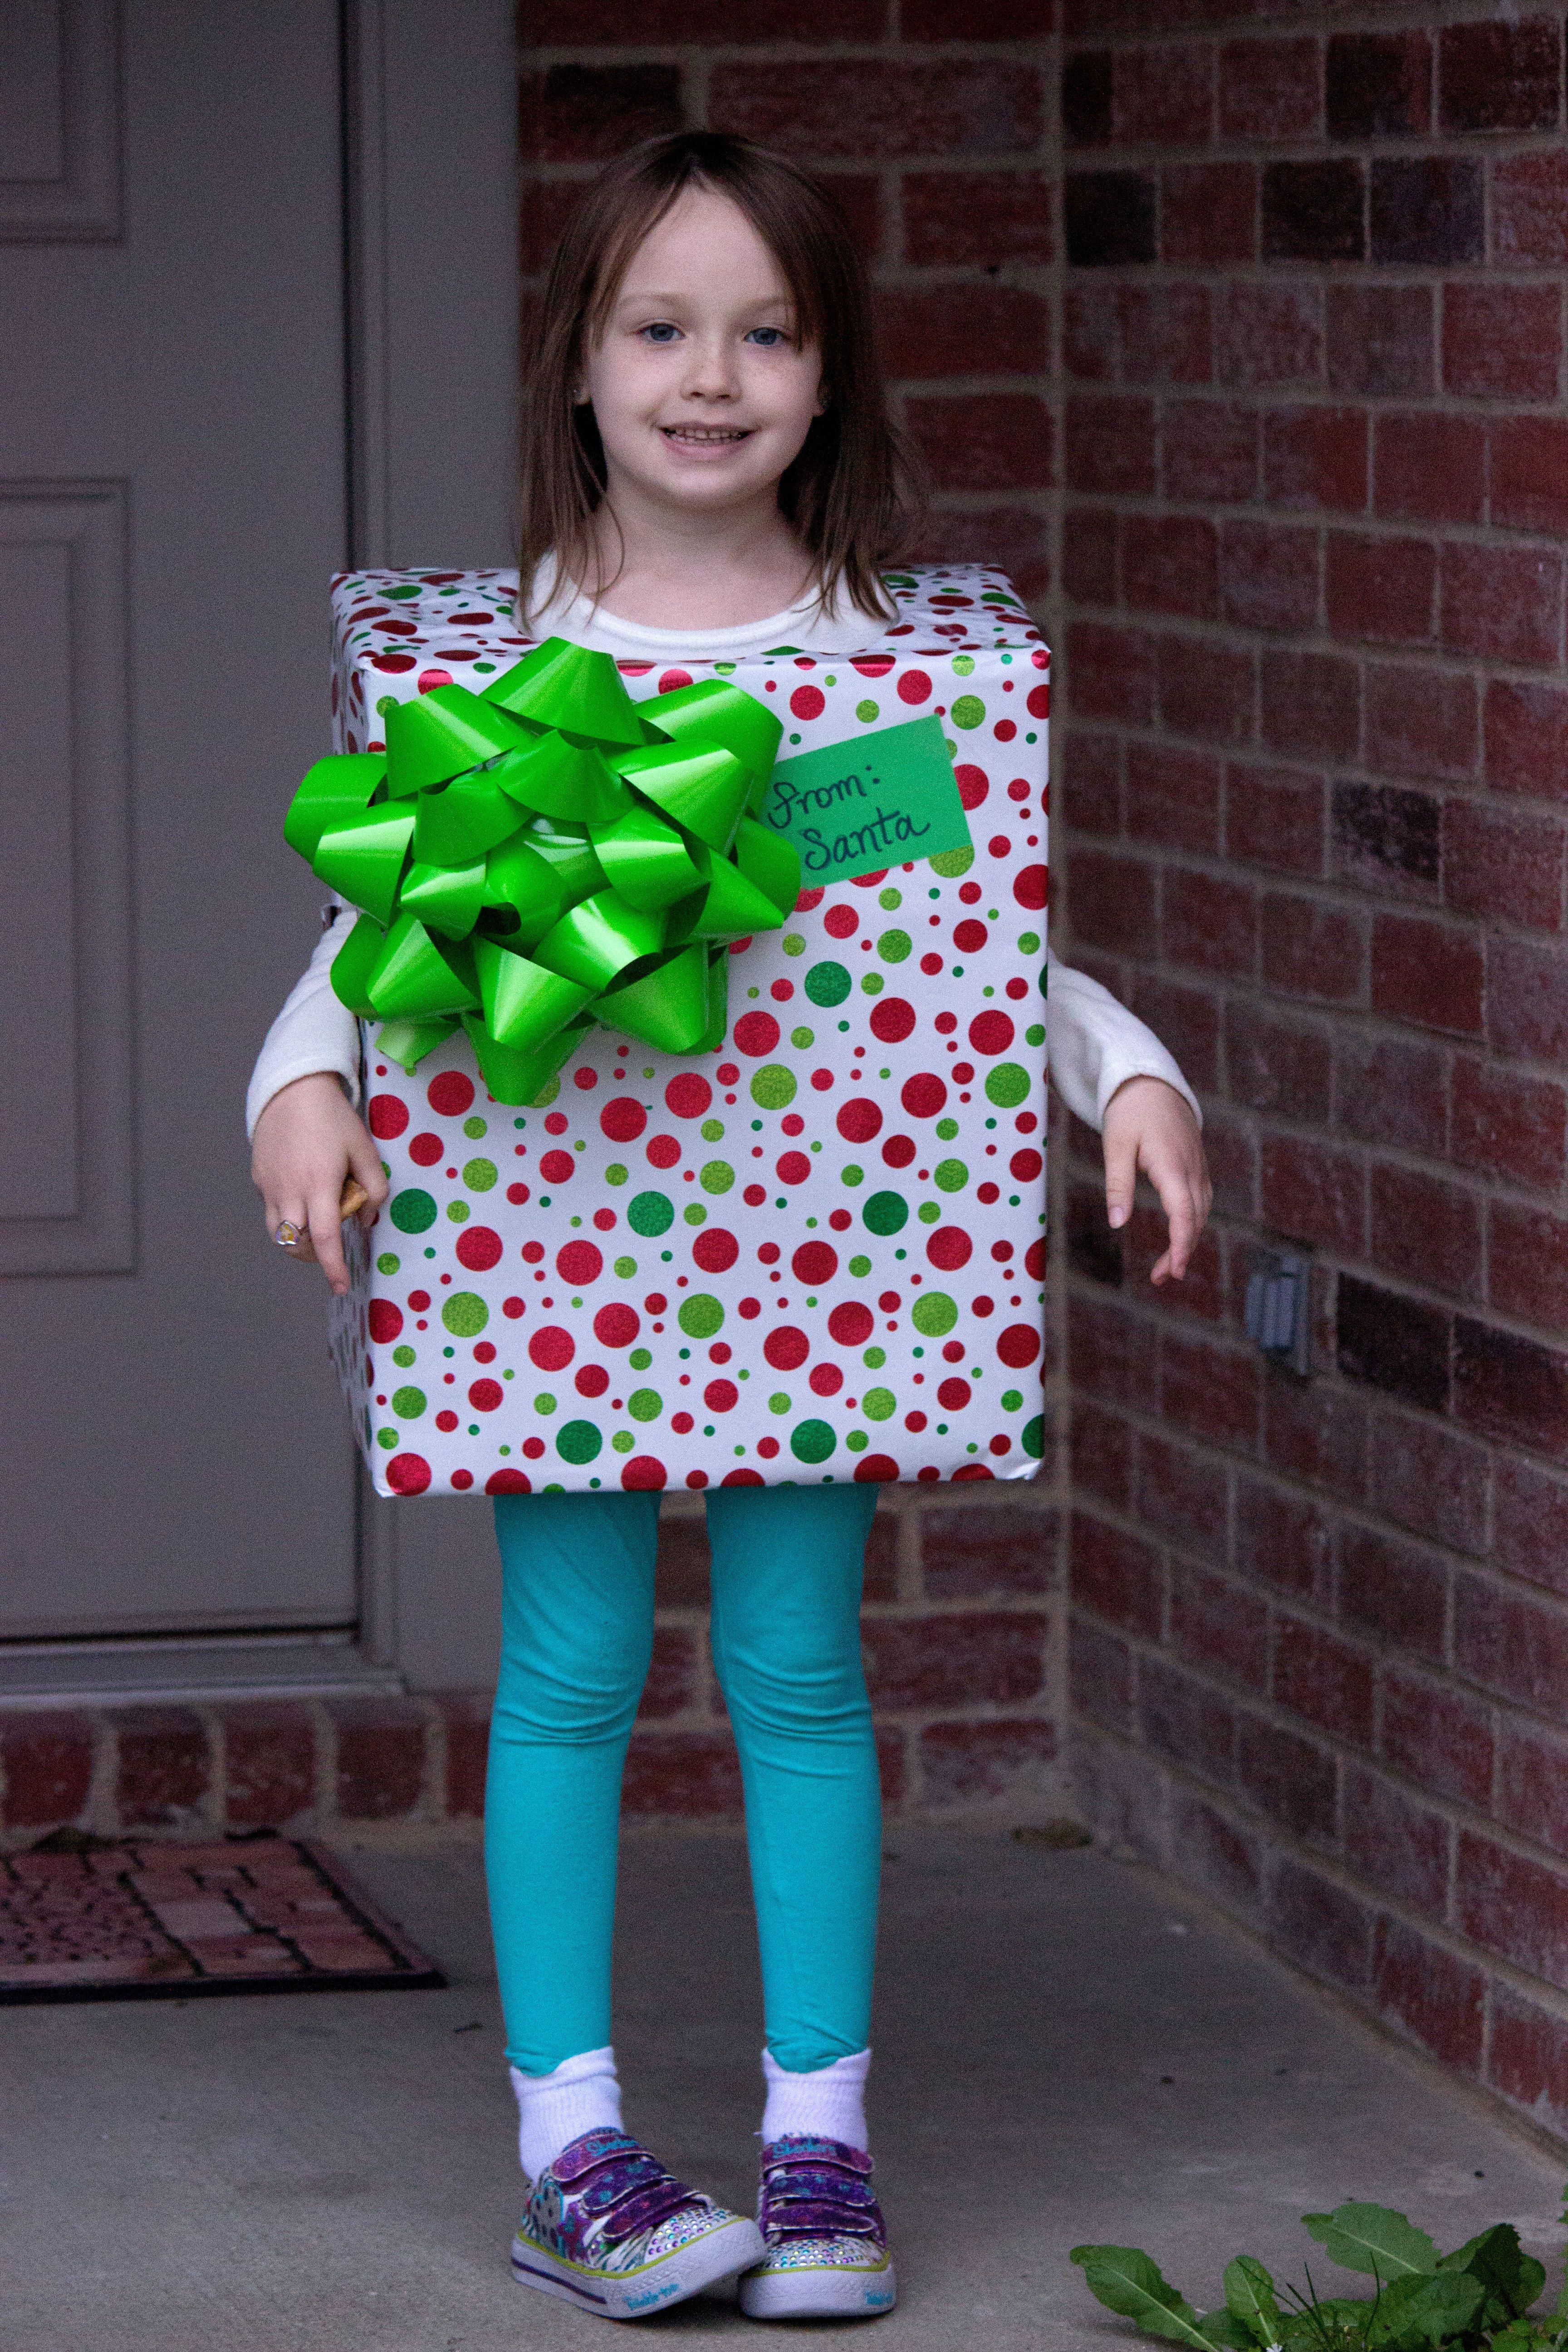 Disfraz de regalo disfraces caseros navidad - Disfraces para navidad ...